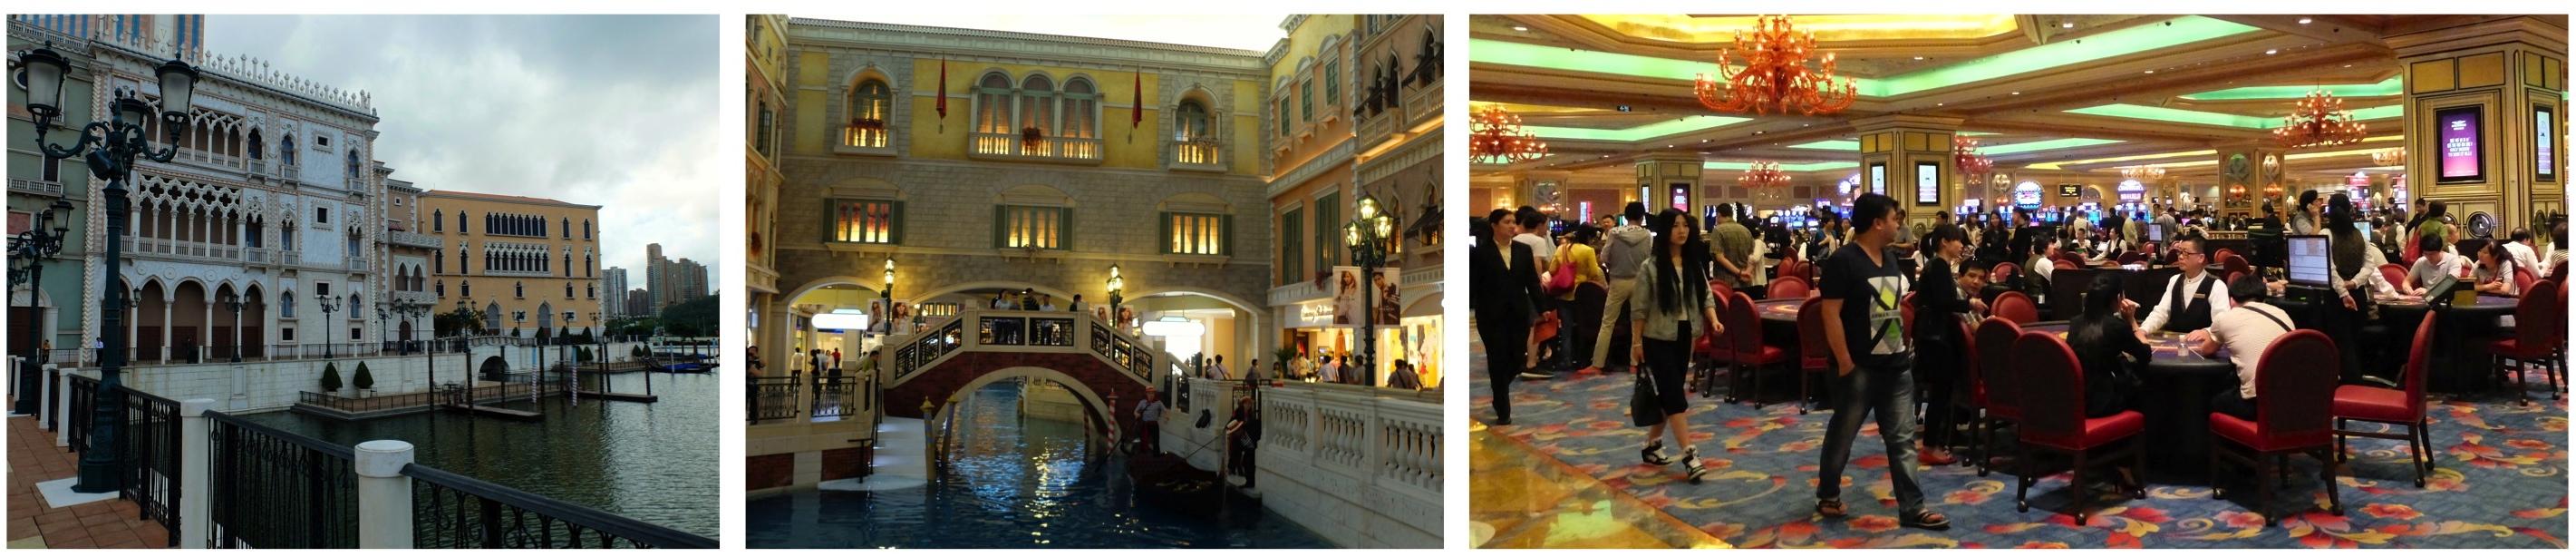 Las Vegas, Venise, ou Casino ? Faites vos jeux...